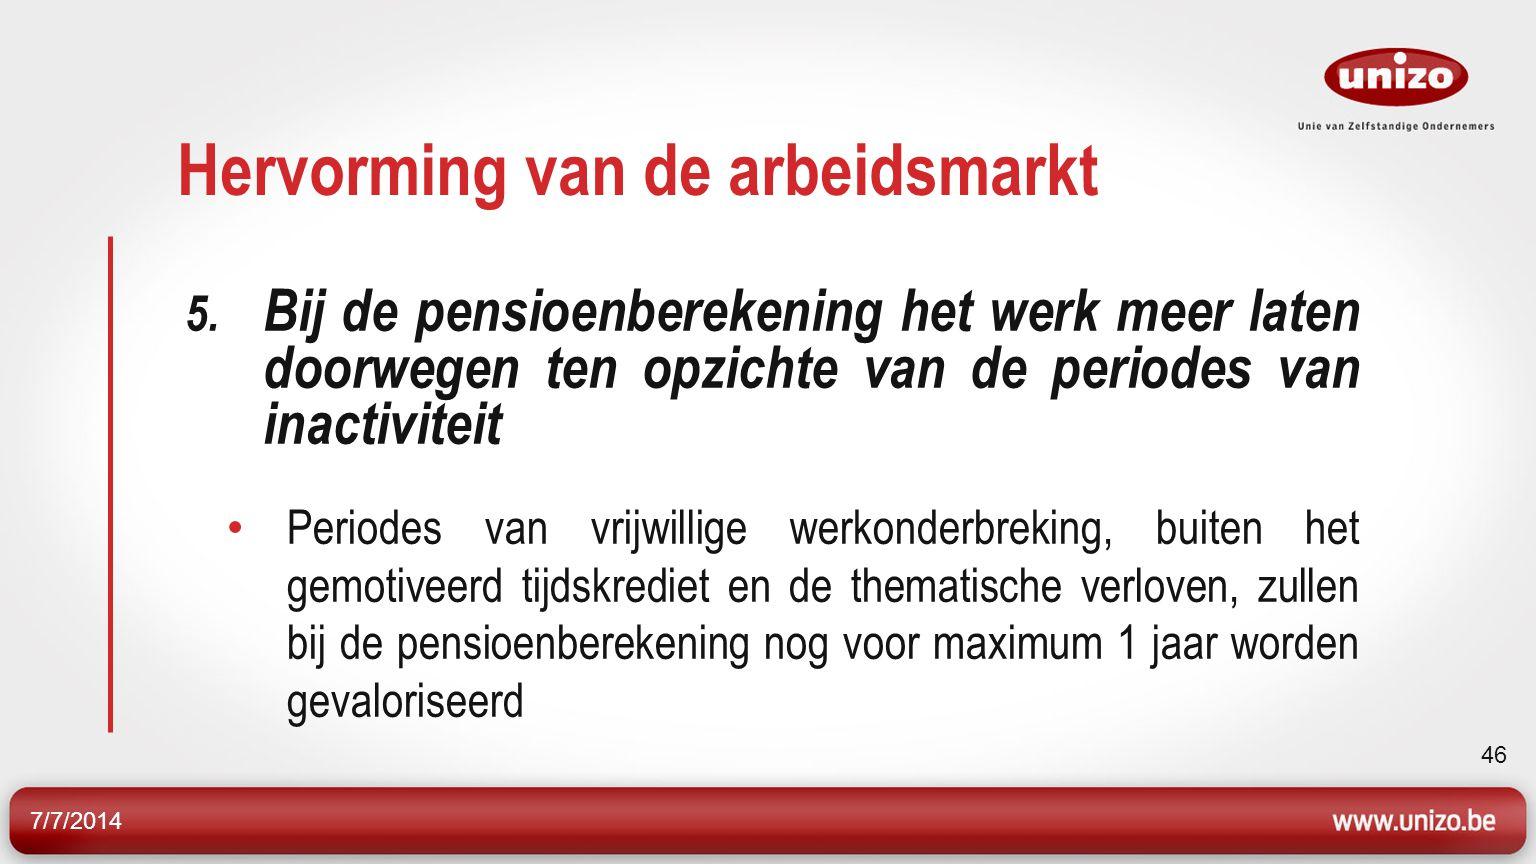 7/7/2014 46 Hervorming van de arbeidsmarkt 5.